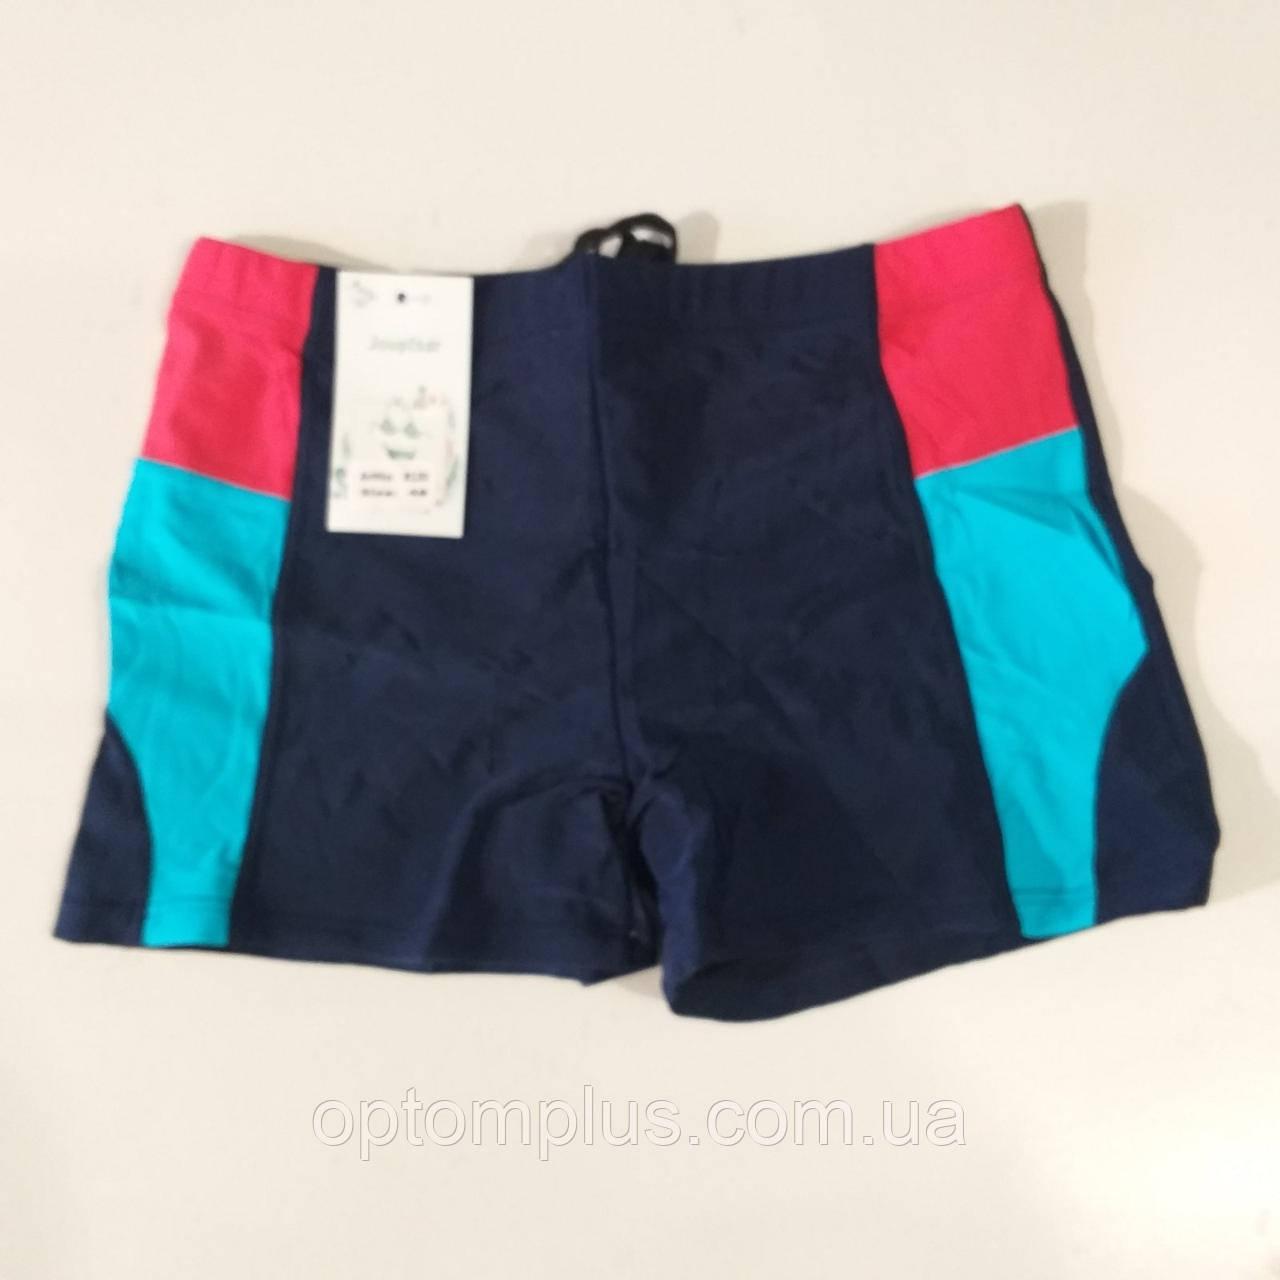 Мужские пляжные плавки норма (48-56) оптом купить от склада 7 км